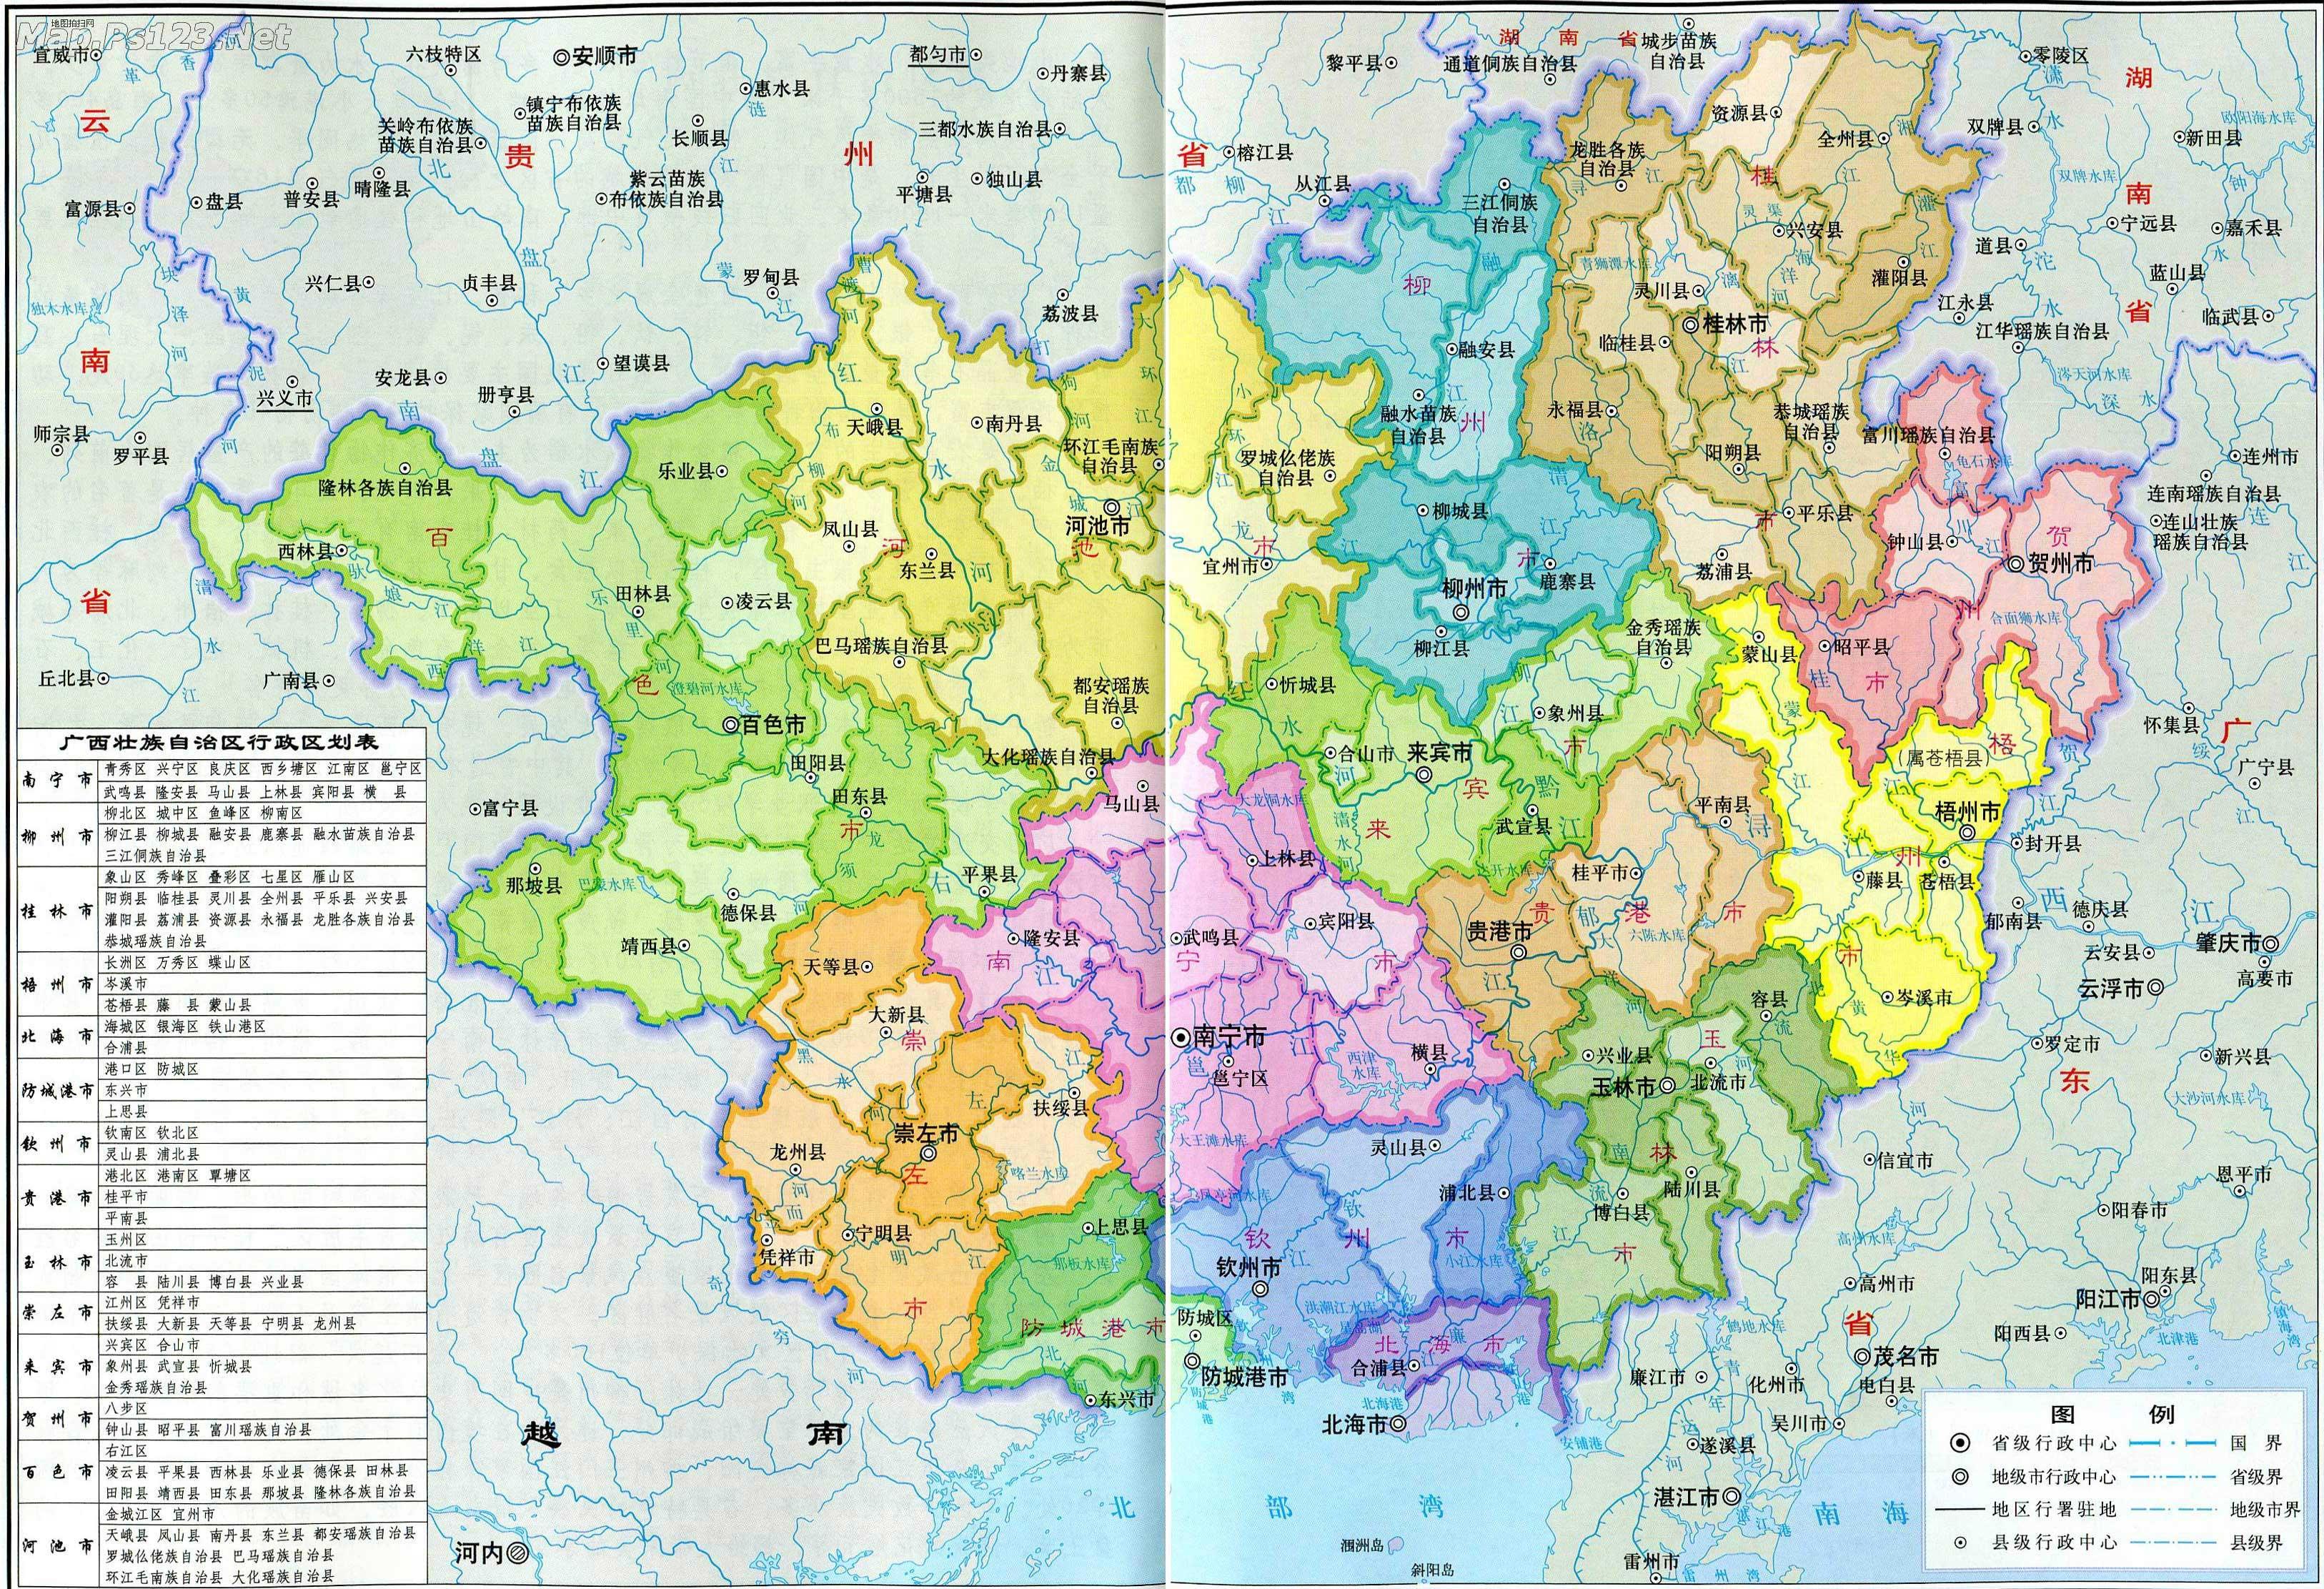 广西交通地图全图_广西政区地图_广西地图库